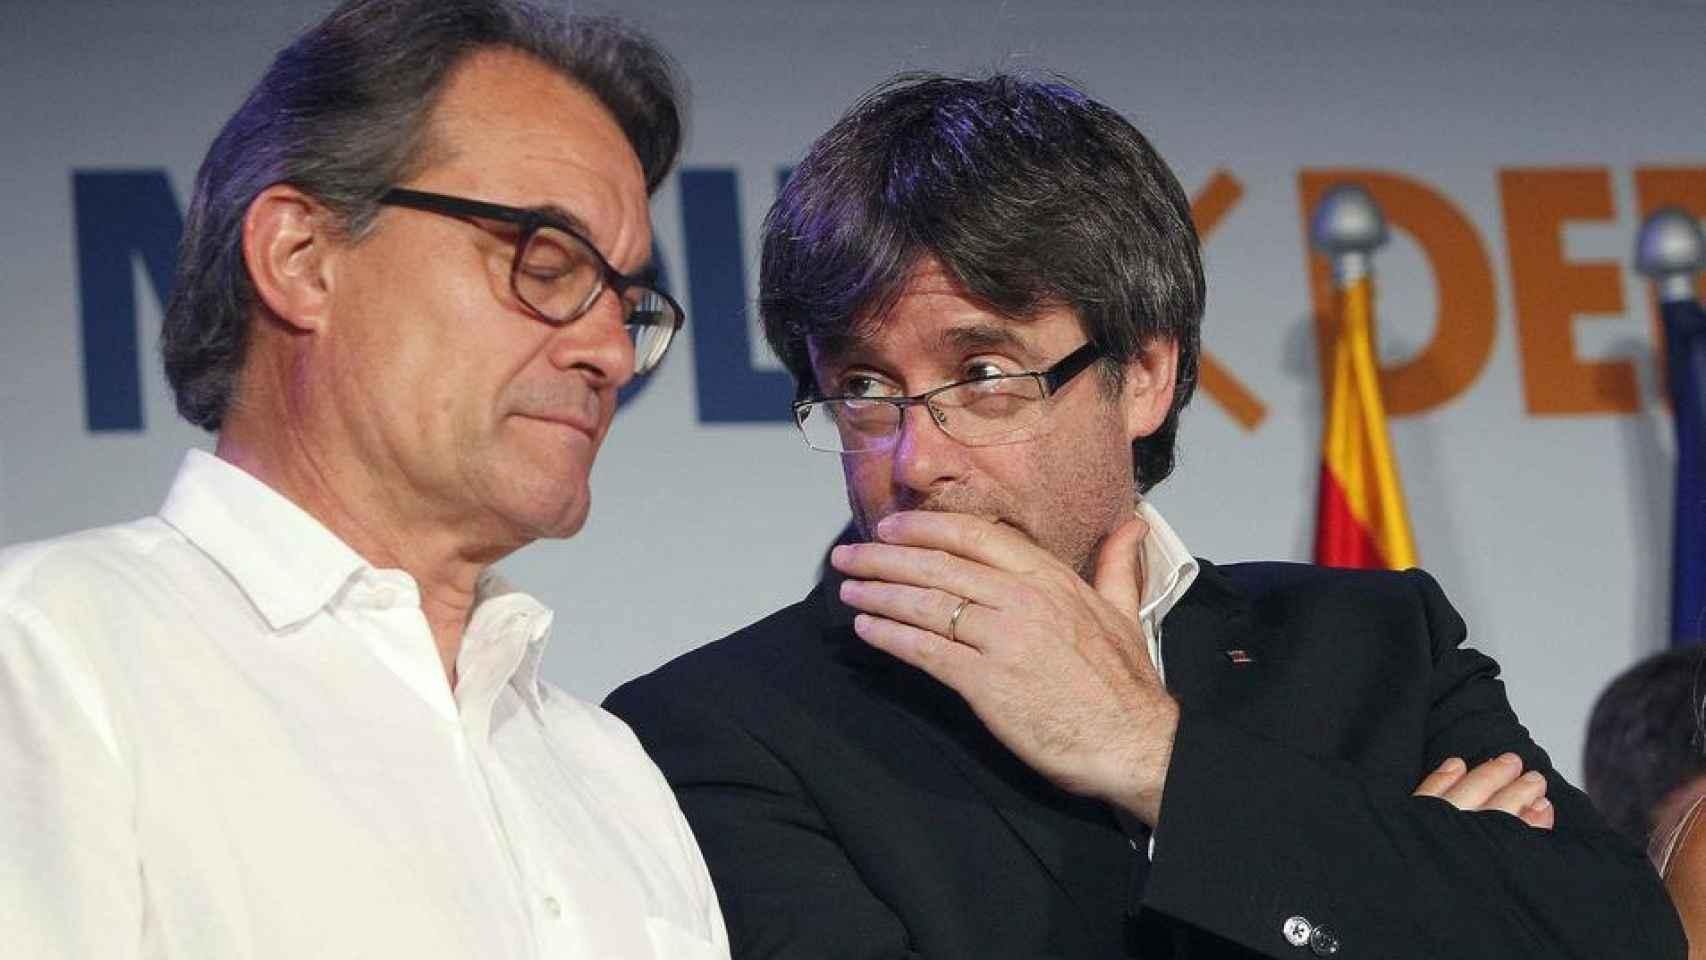 Artur Mas y Carles Puigdemont, los dos últimos presidentes de la Generalitat